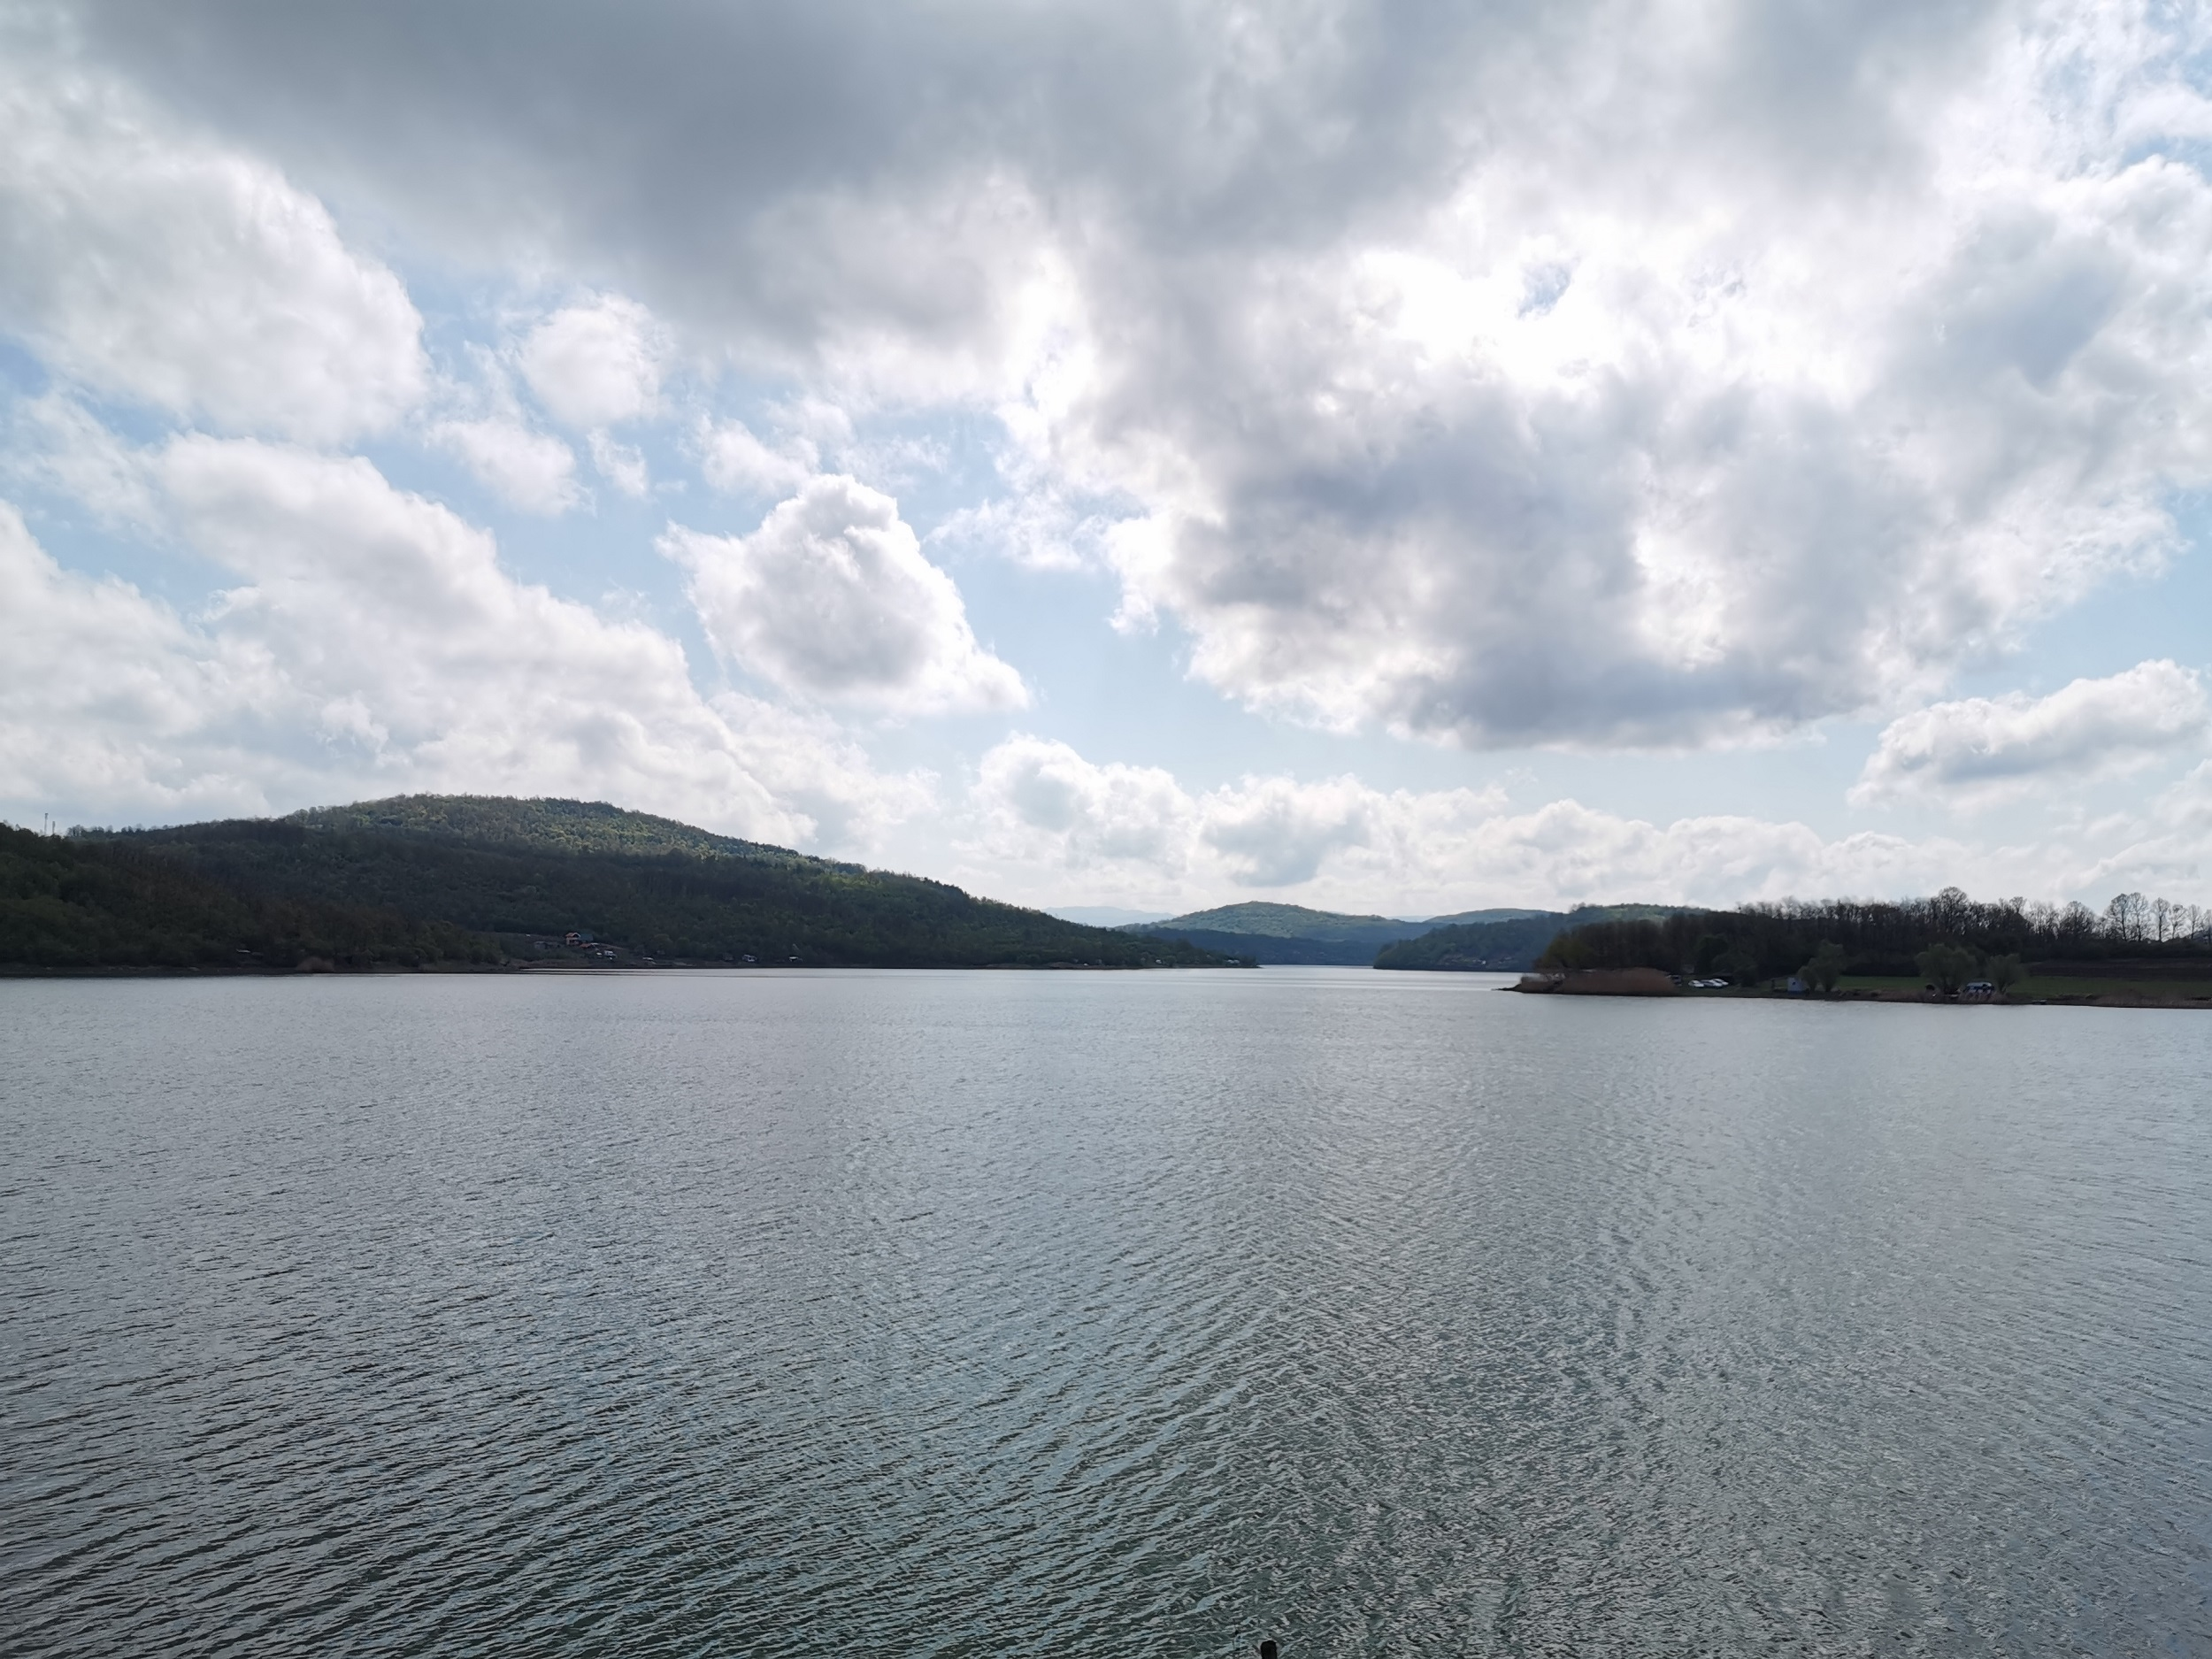 Извучено тело утопљенице из Гружанског језера